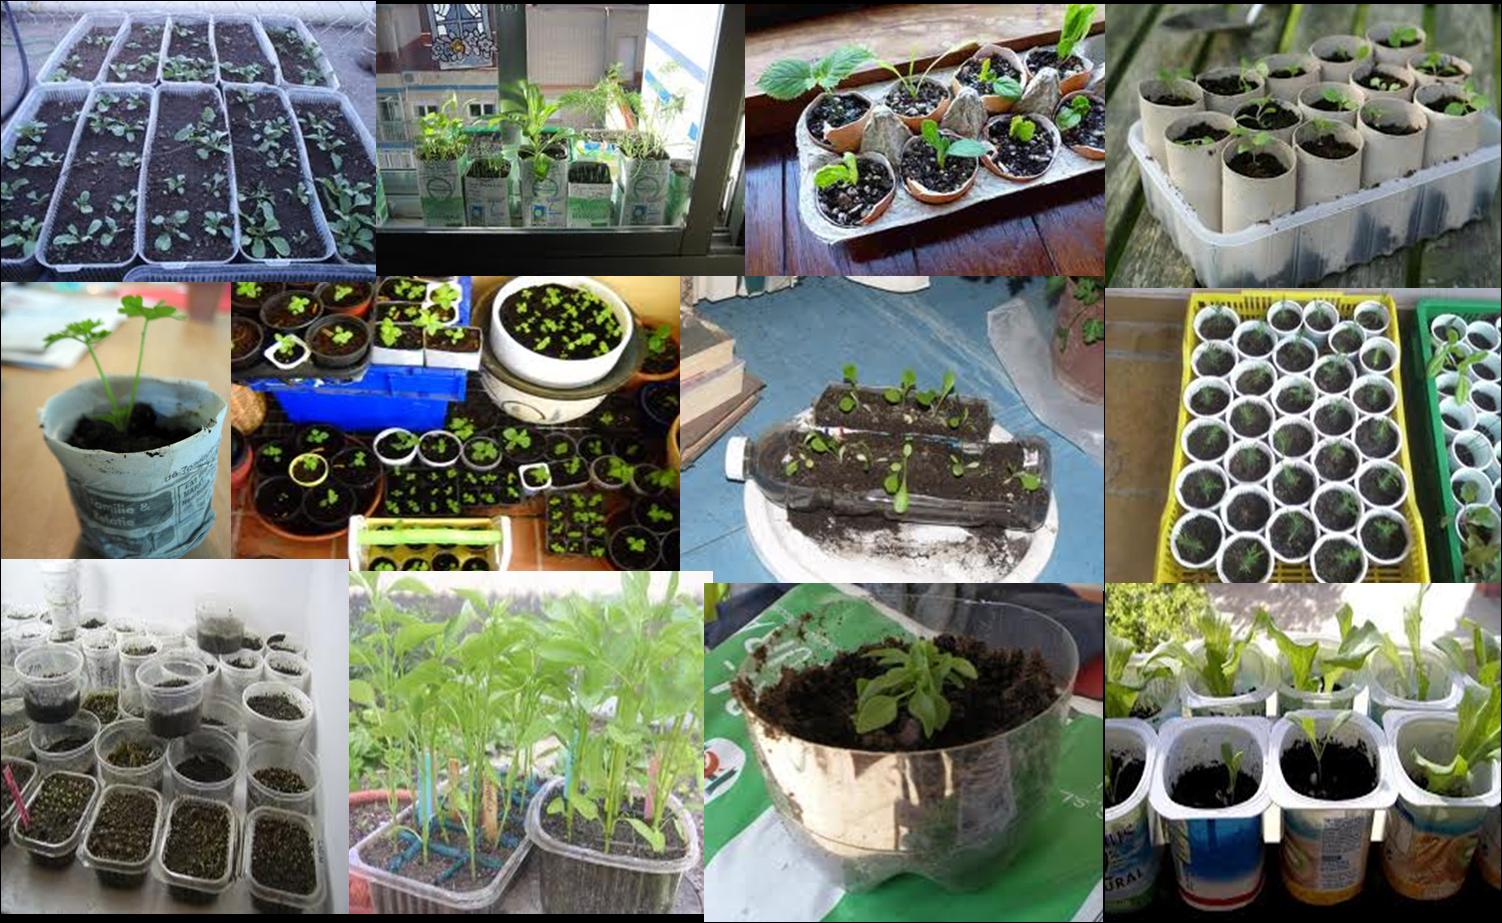 Huerto y maceto huerto ecol gico guia y planificaci n de for Plantas beneficiosas para el huerto